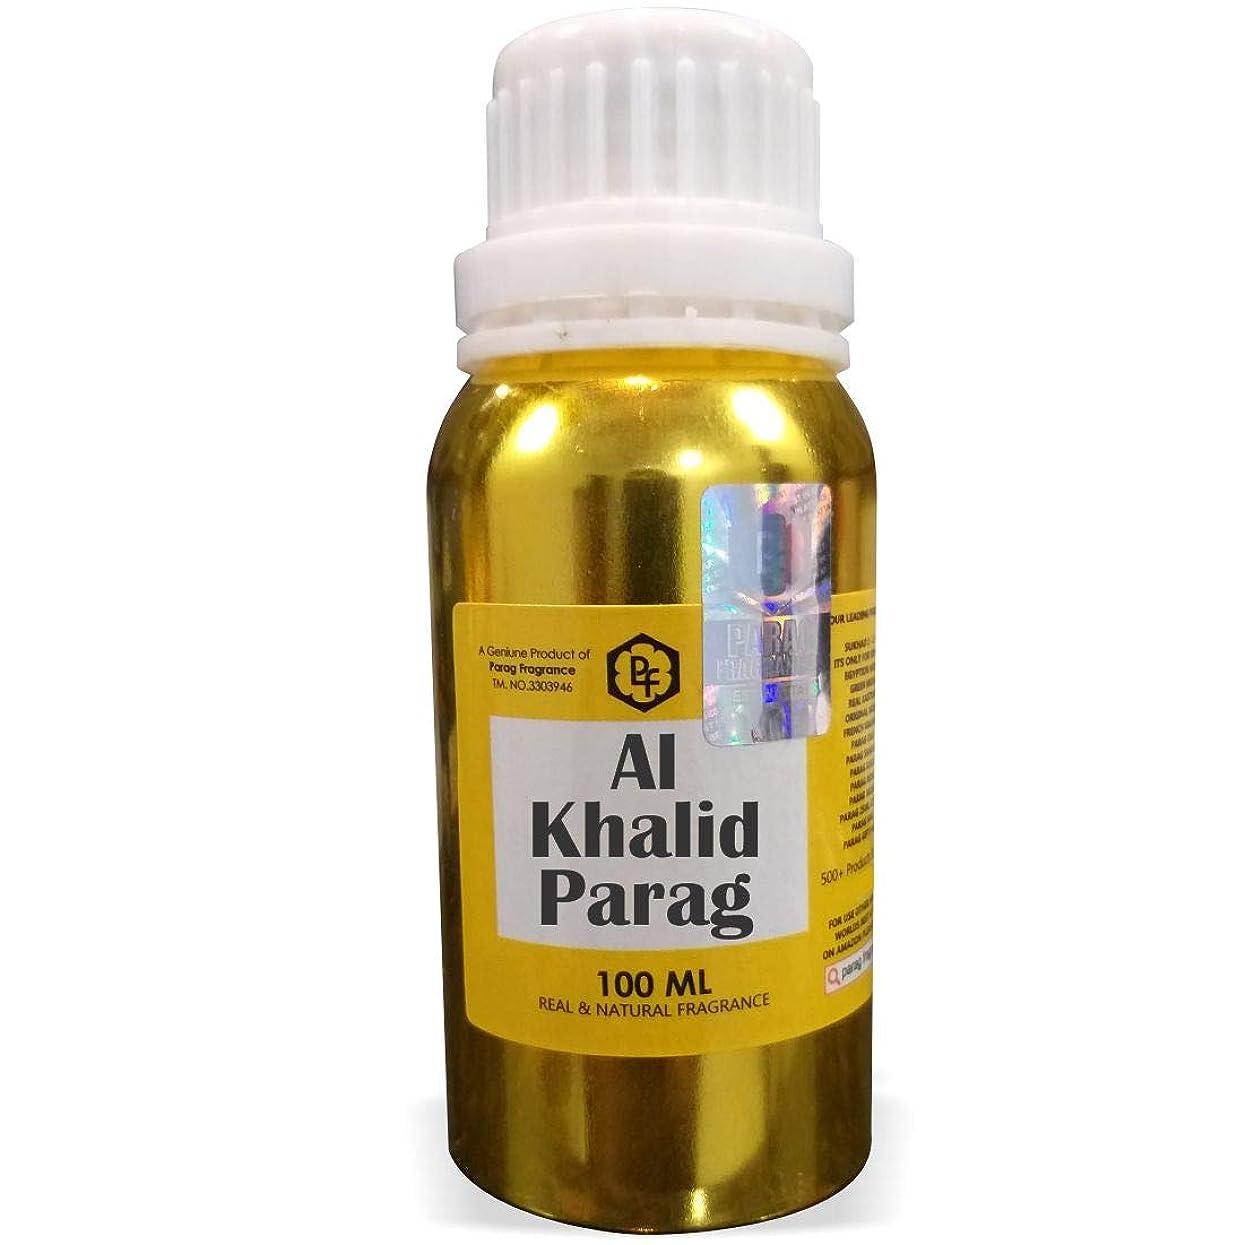 かなりの家事連続的ParagフレグランスアルハリドParagアター100ミリリットル(男性用アルコールフリーアター)香油| 香り| ITRA